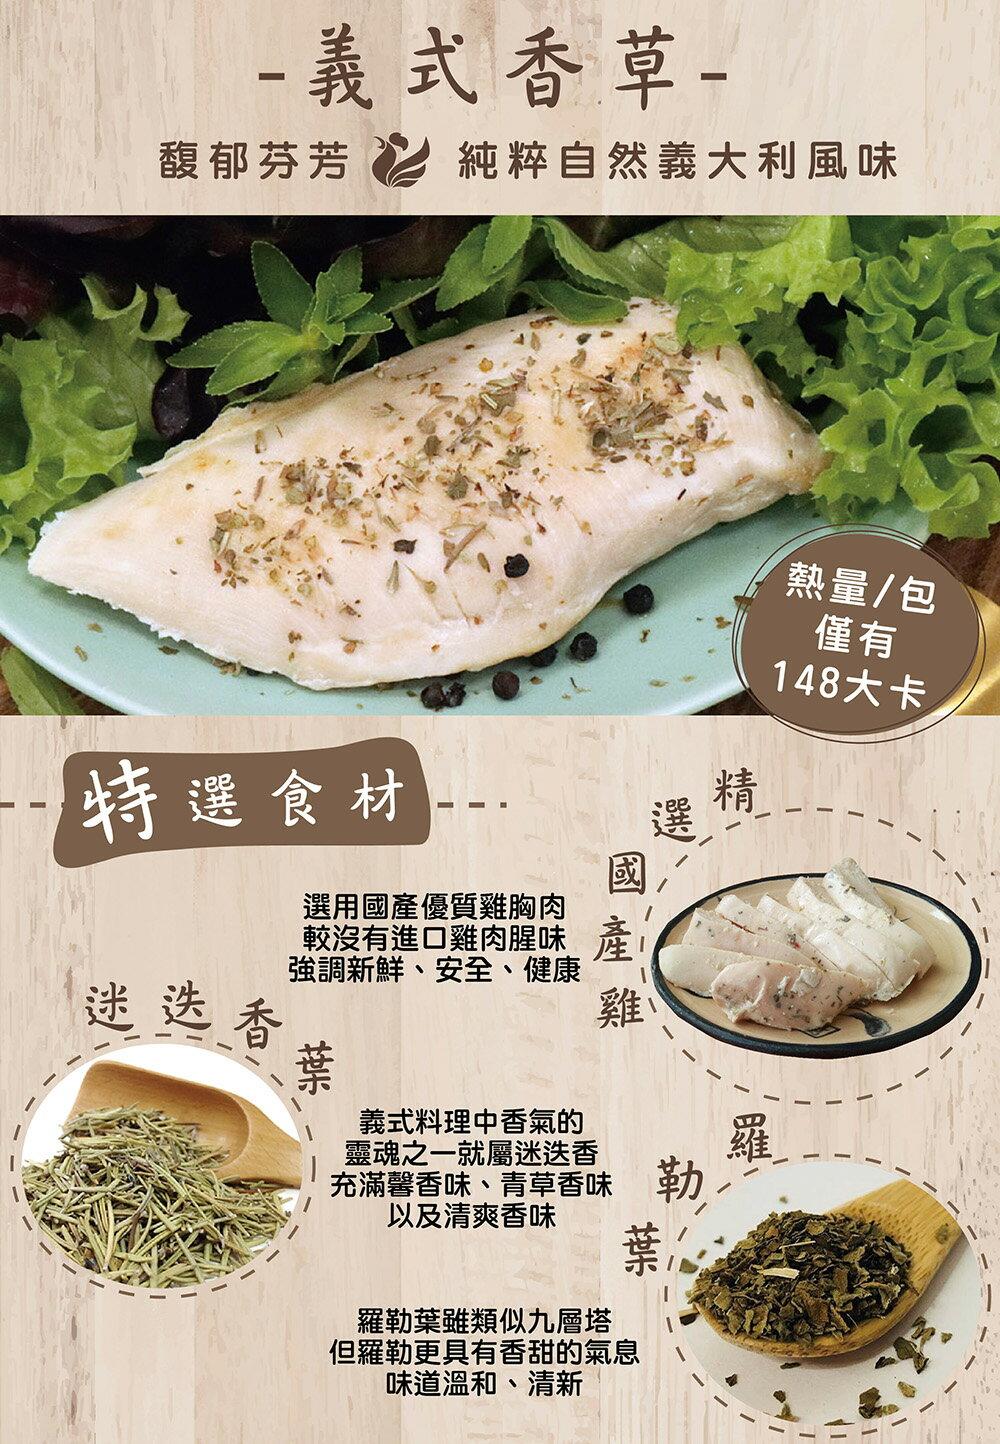 【田倉一食品】《義式香草》舒肥嫩雞胸肉|通過SGS認證|(1片/包約:140g)|增肌好選擇|沙拉主菜